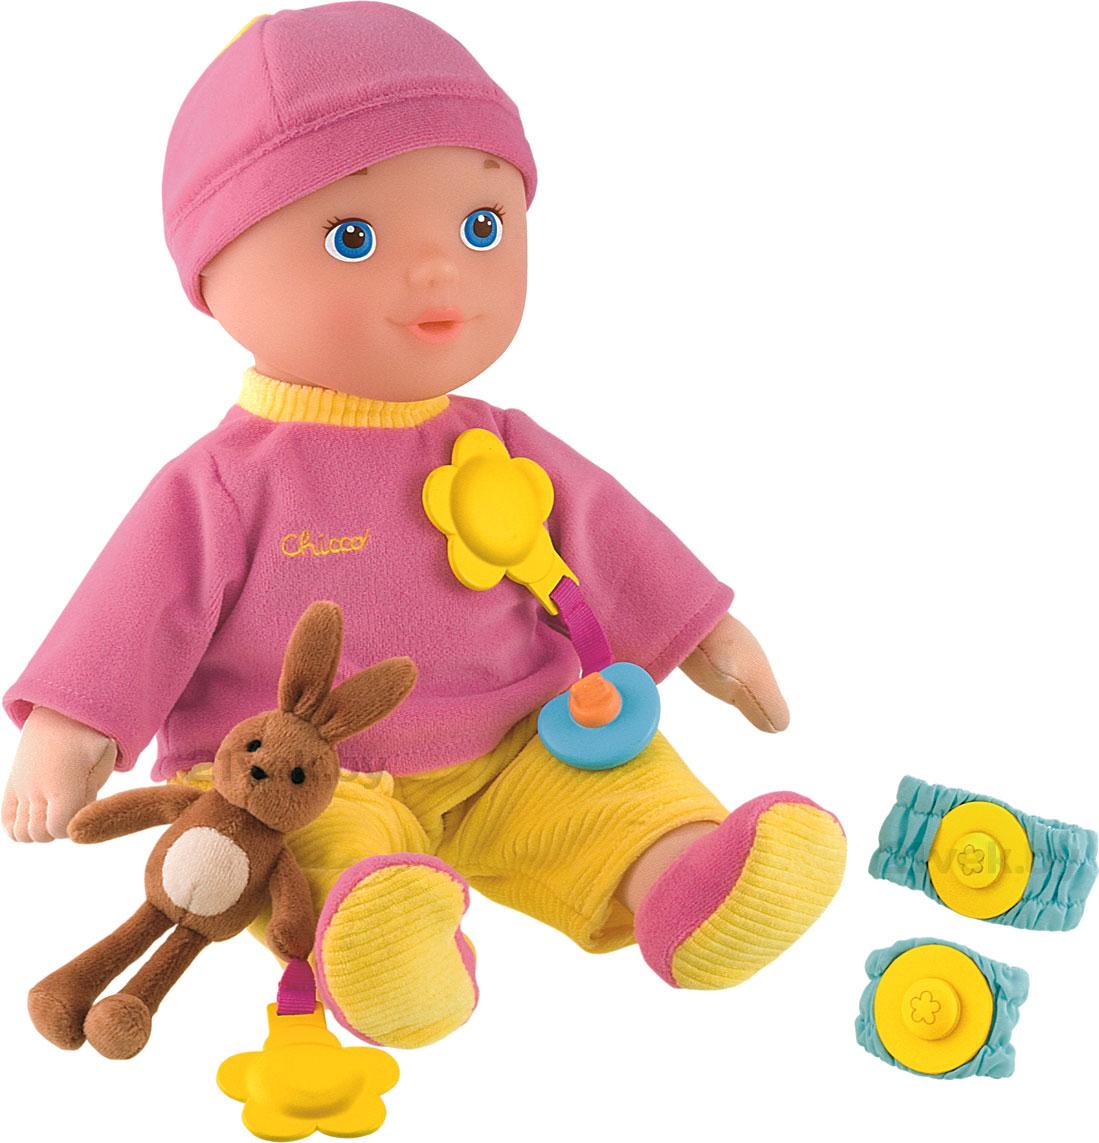 Моя первая кукла 21vek.by 470000.000